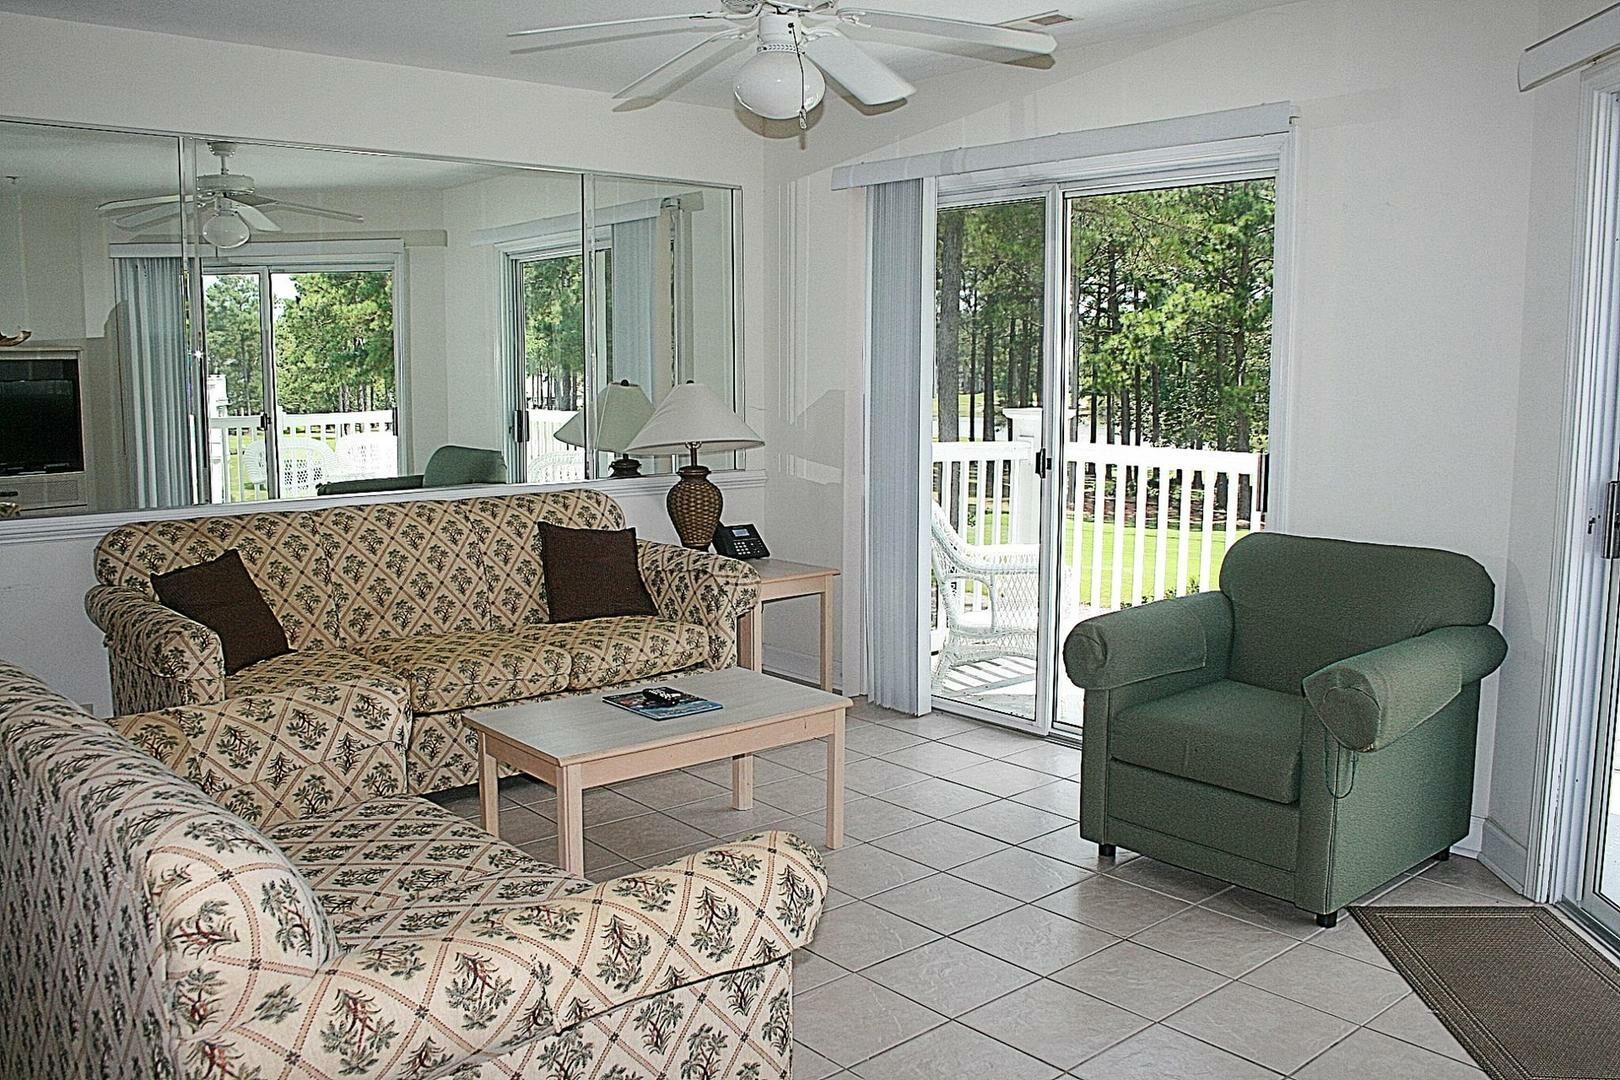 3009 2 Bedroom/2 Bath Villa